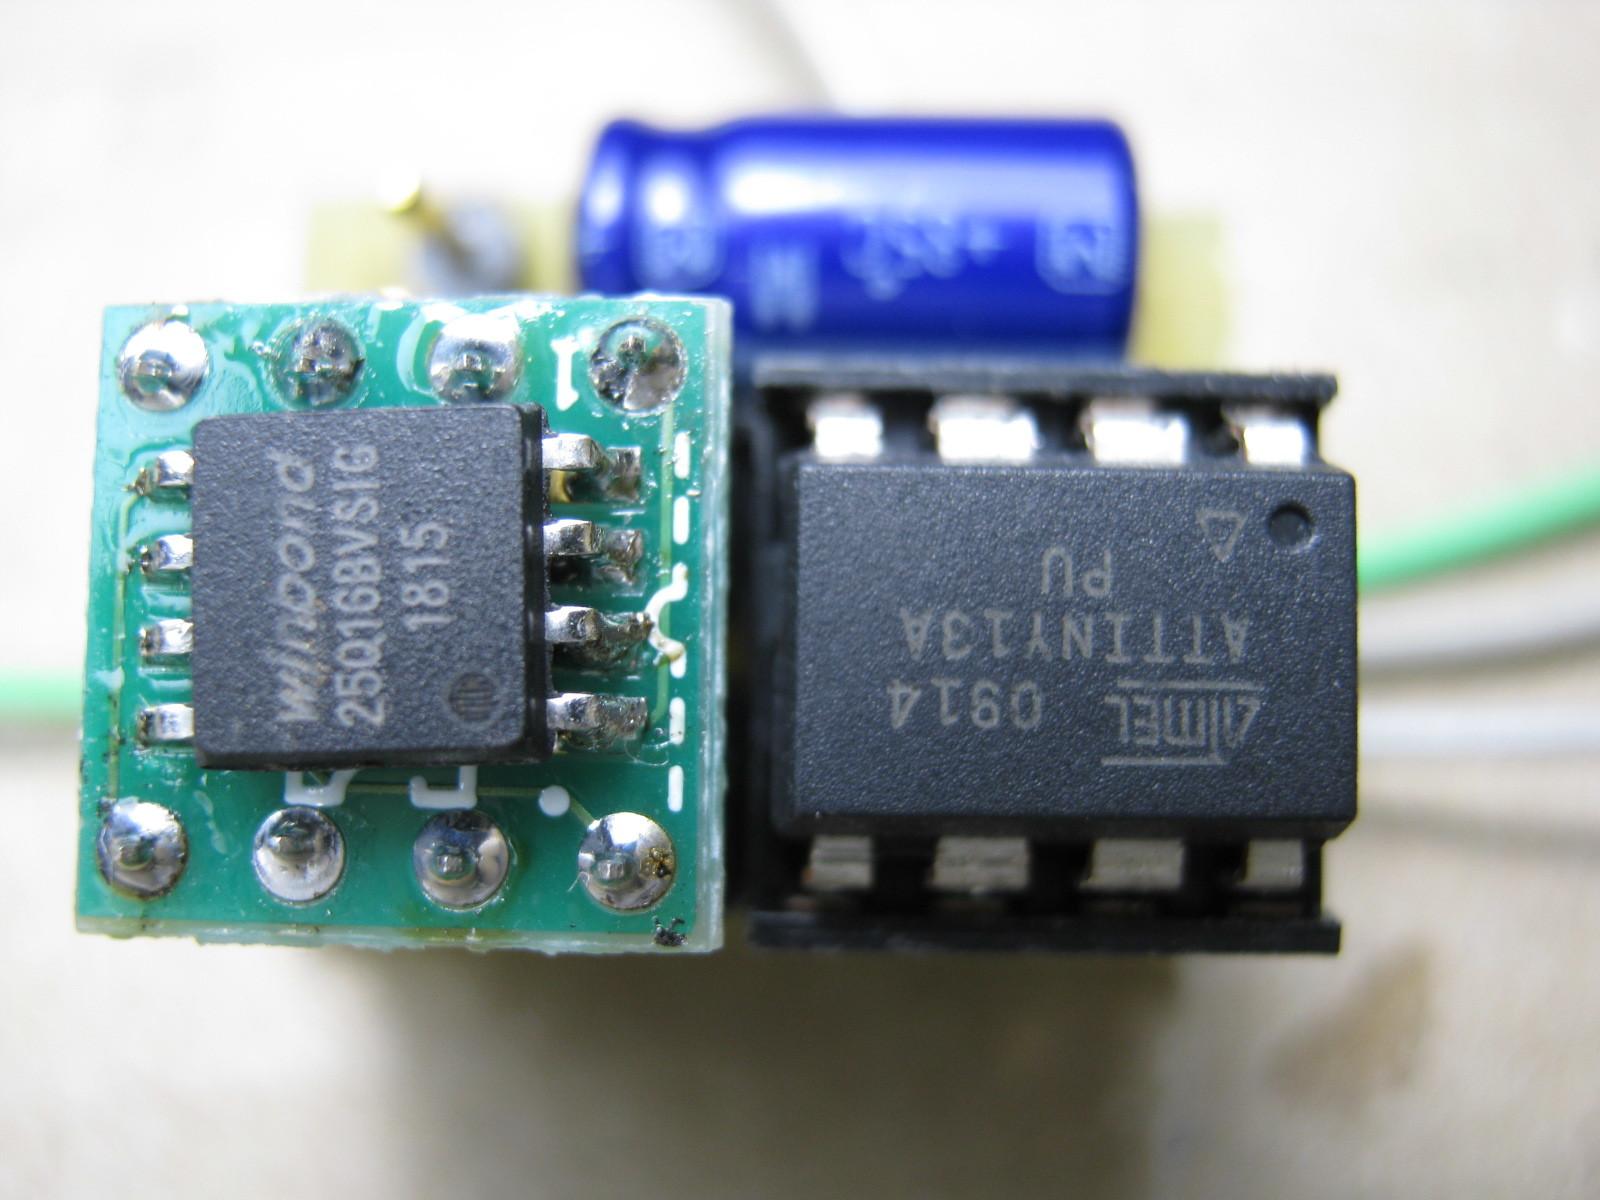 ミミクリーペット4(ボイスレコーダー・チェンジャー換装)基板2